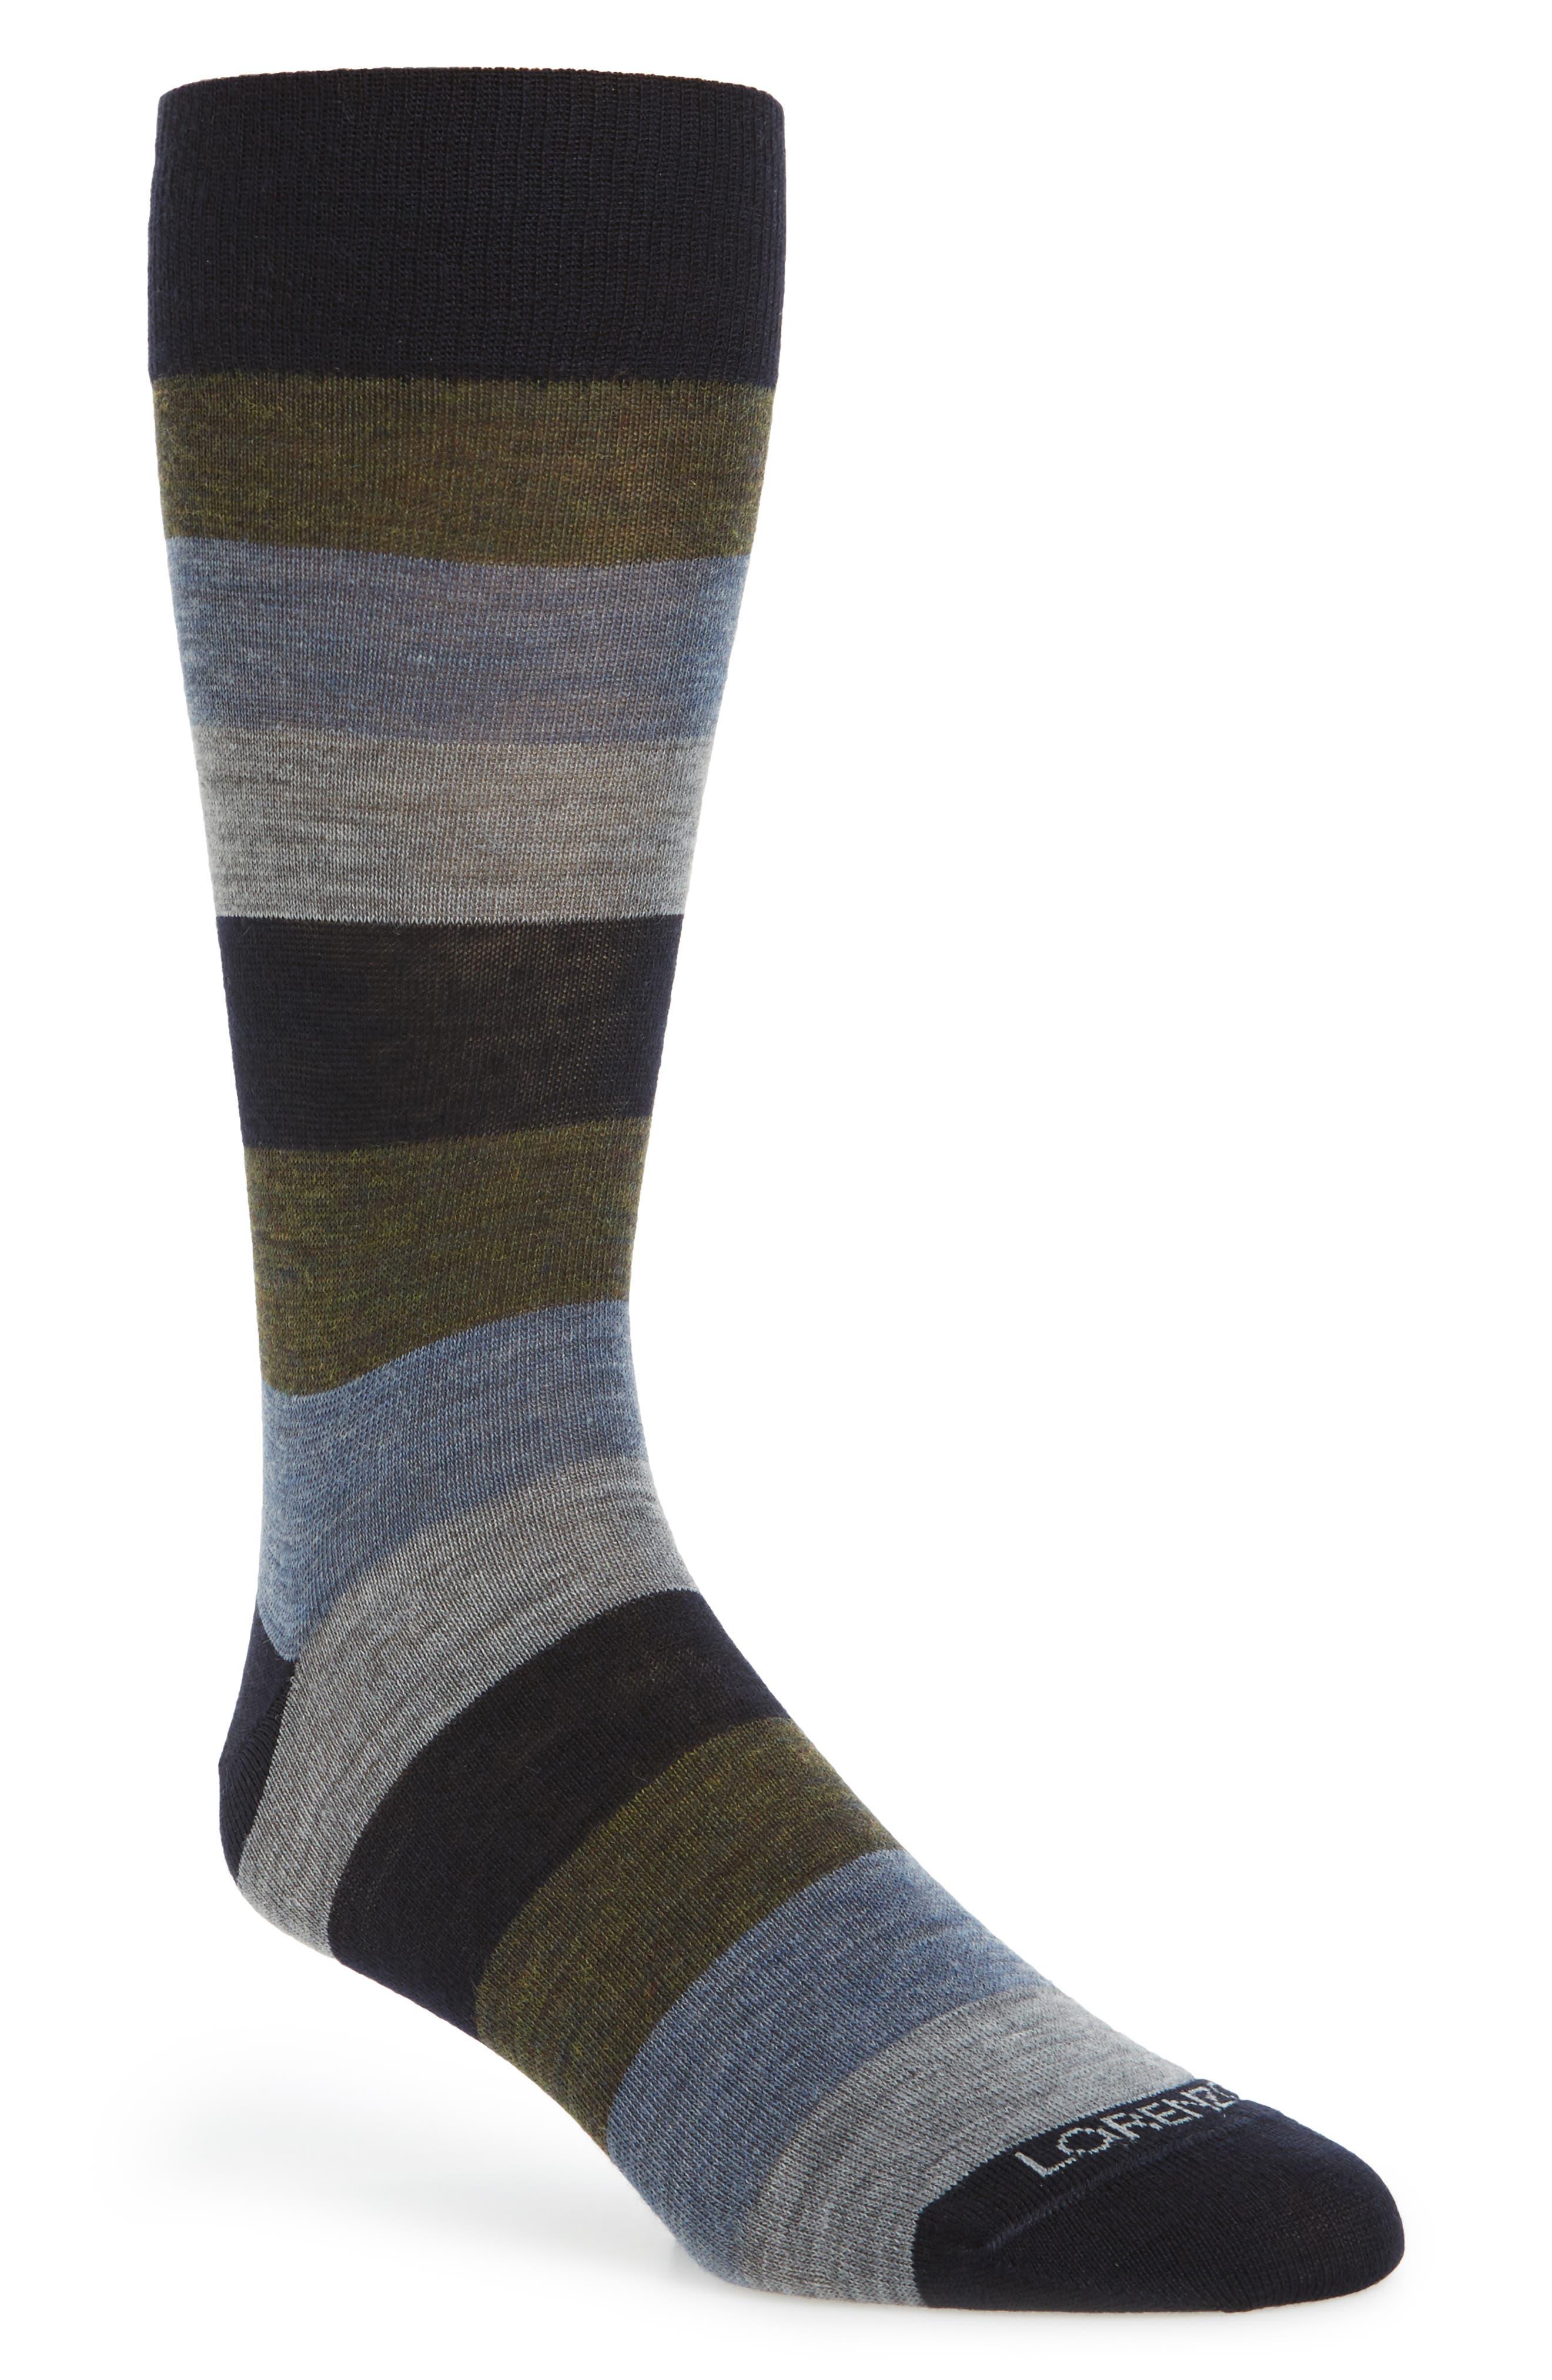 Colorblock Socks,                             Main thumbnail 1, color,                             Navy